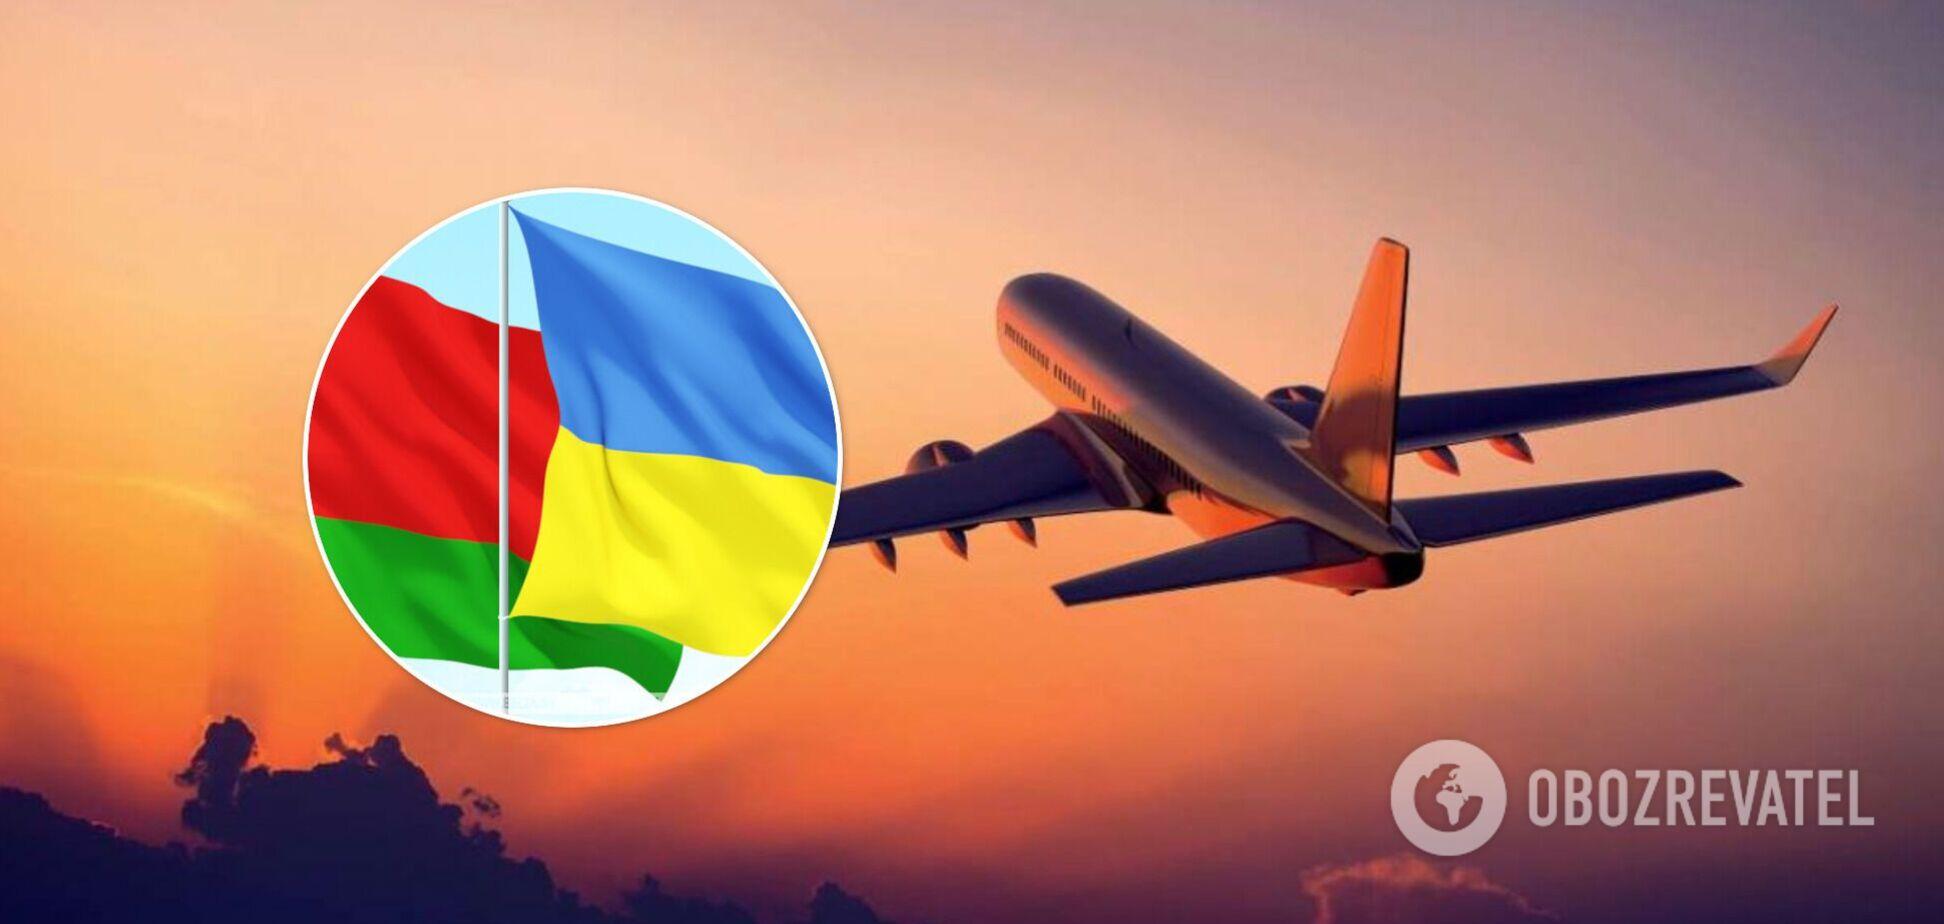 Авиасообщение между Украиной и Беларусью прекращается